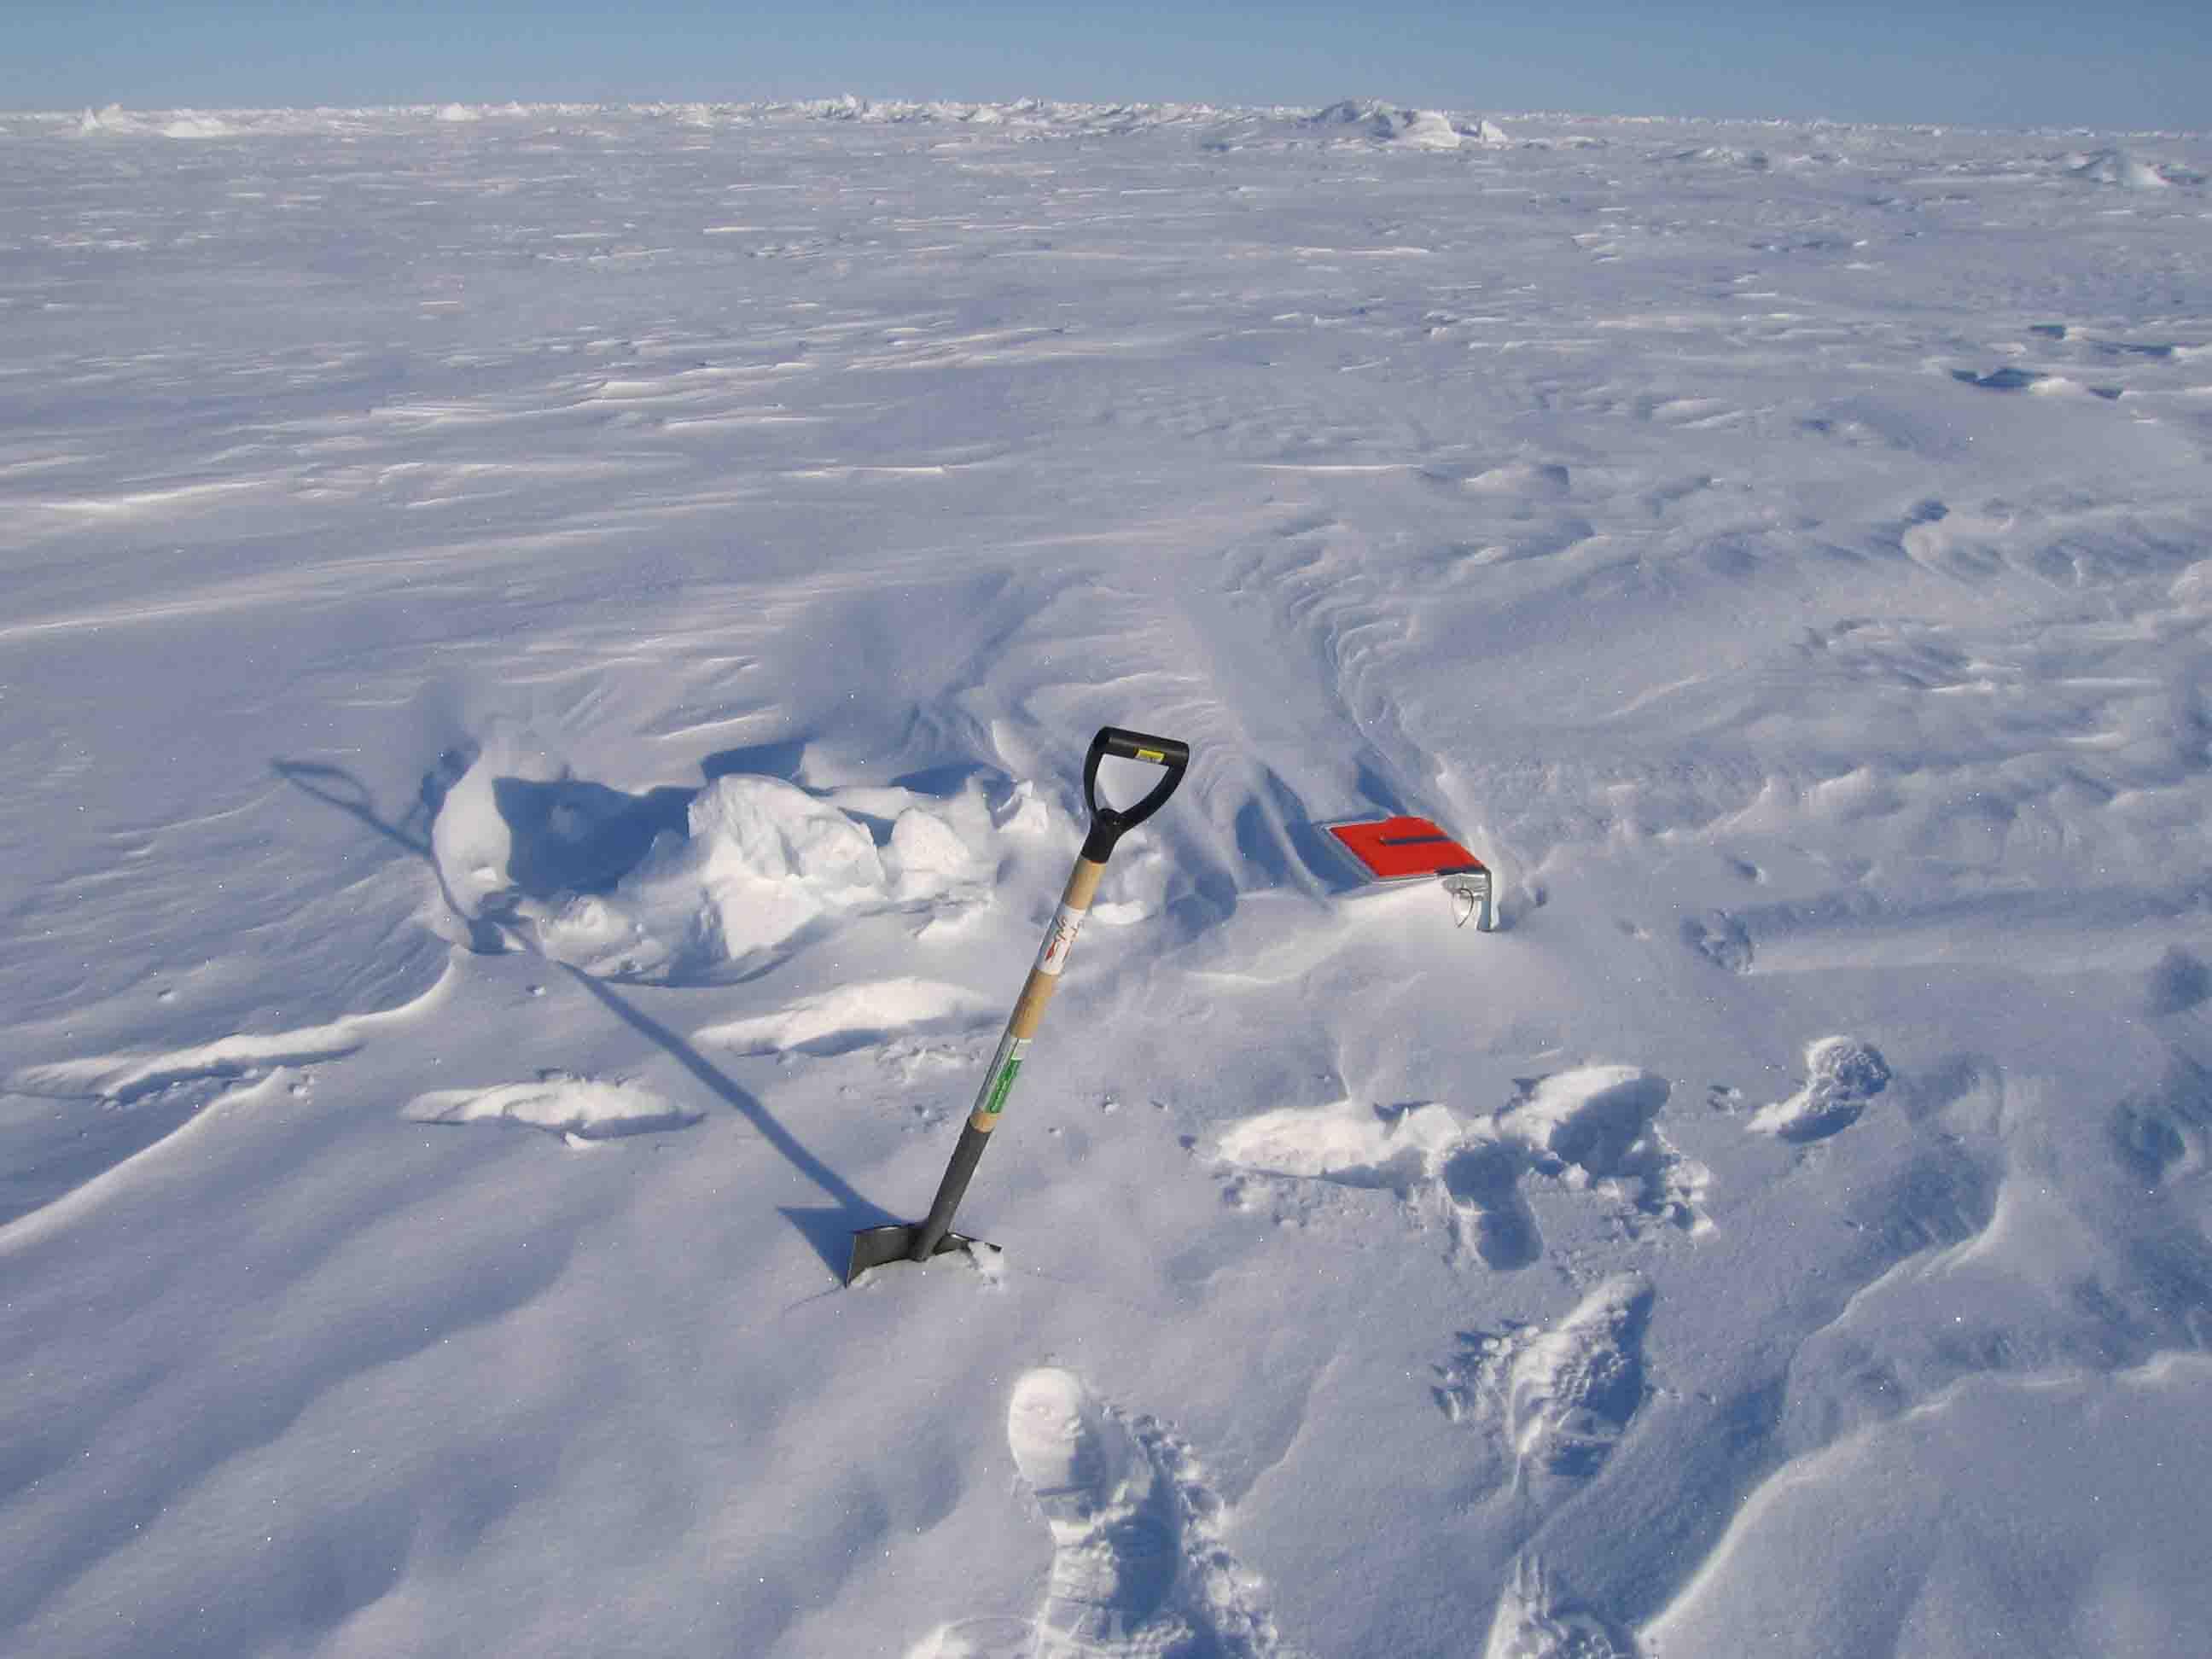 Receiver på isen næsten dækket af sne. Det er kun de orange låg på køletasken, der stikker op.